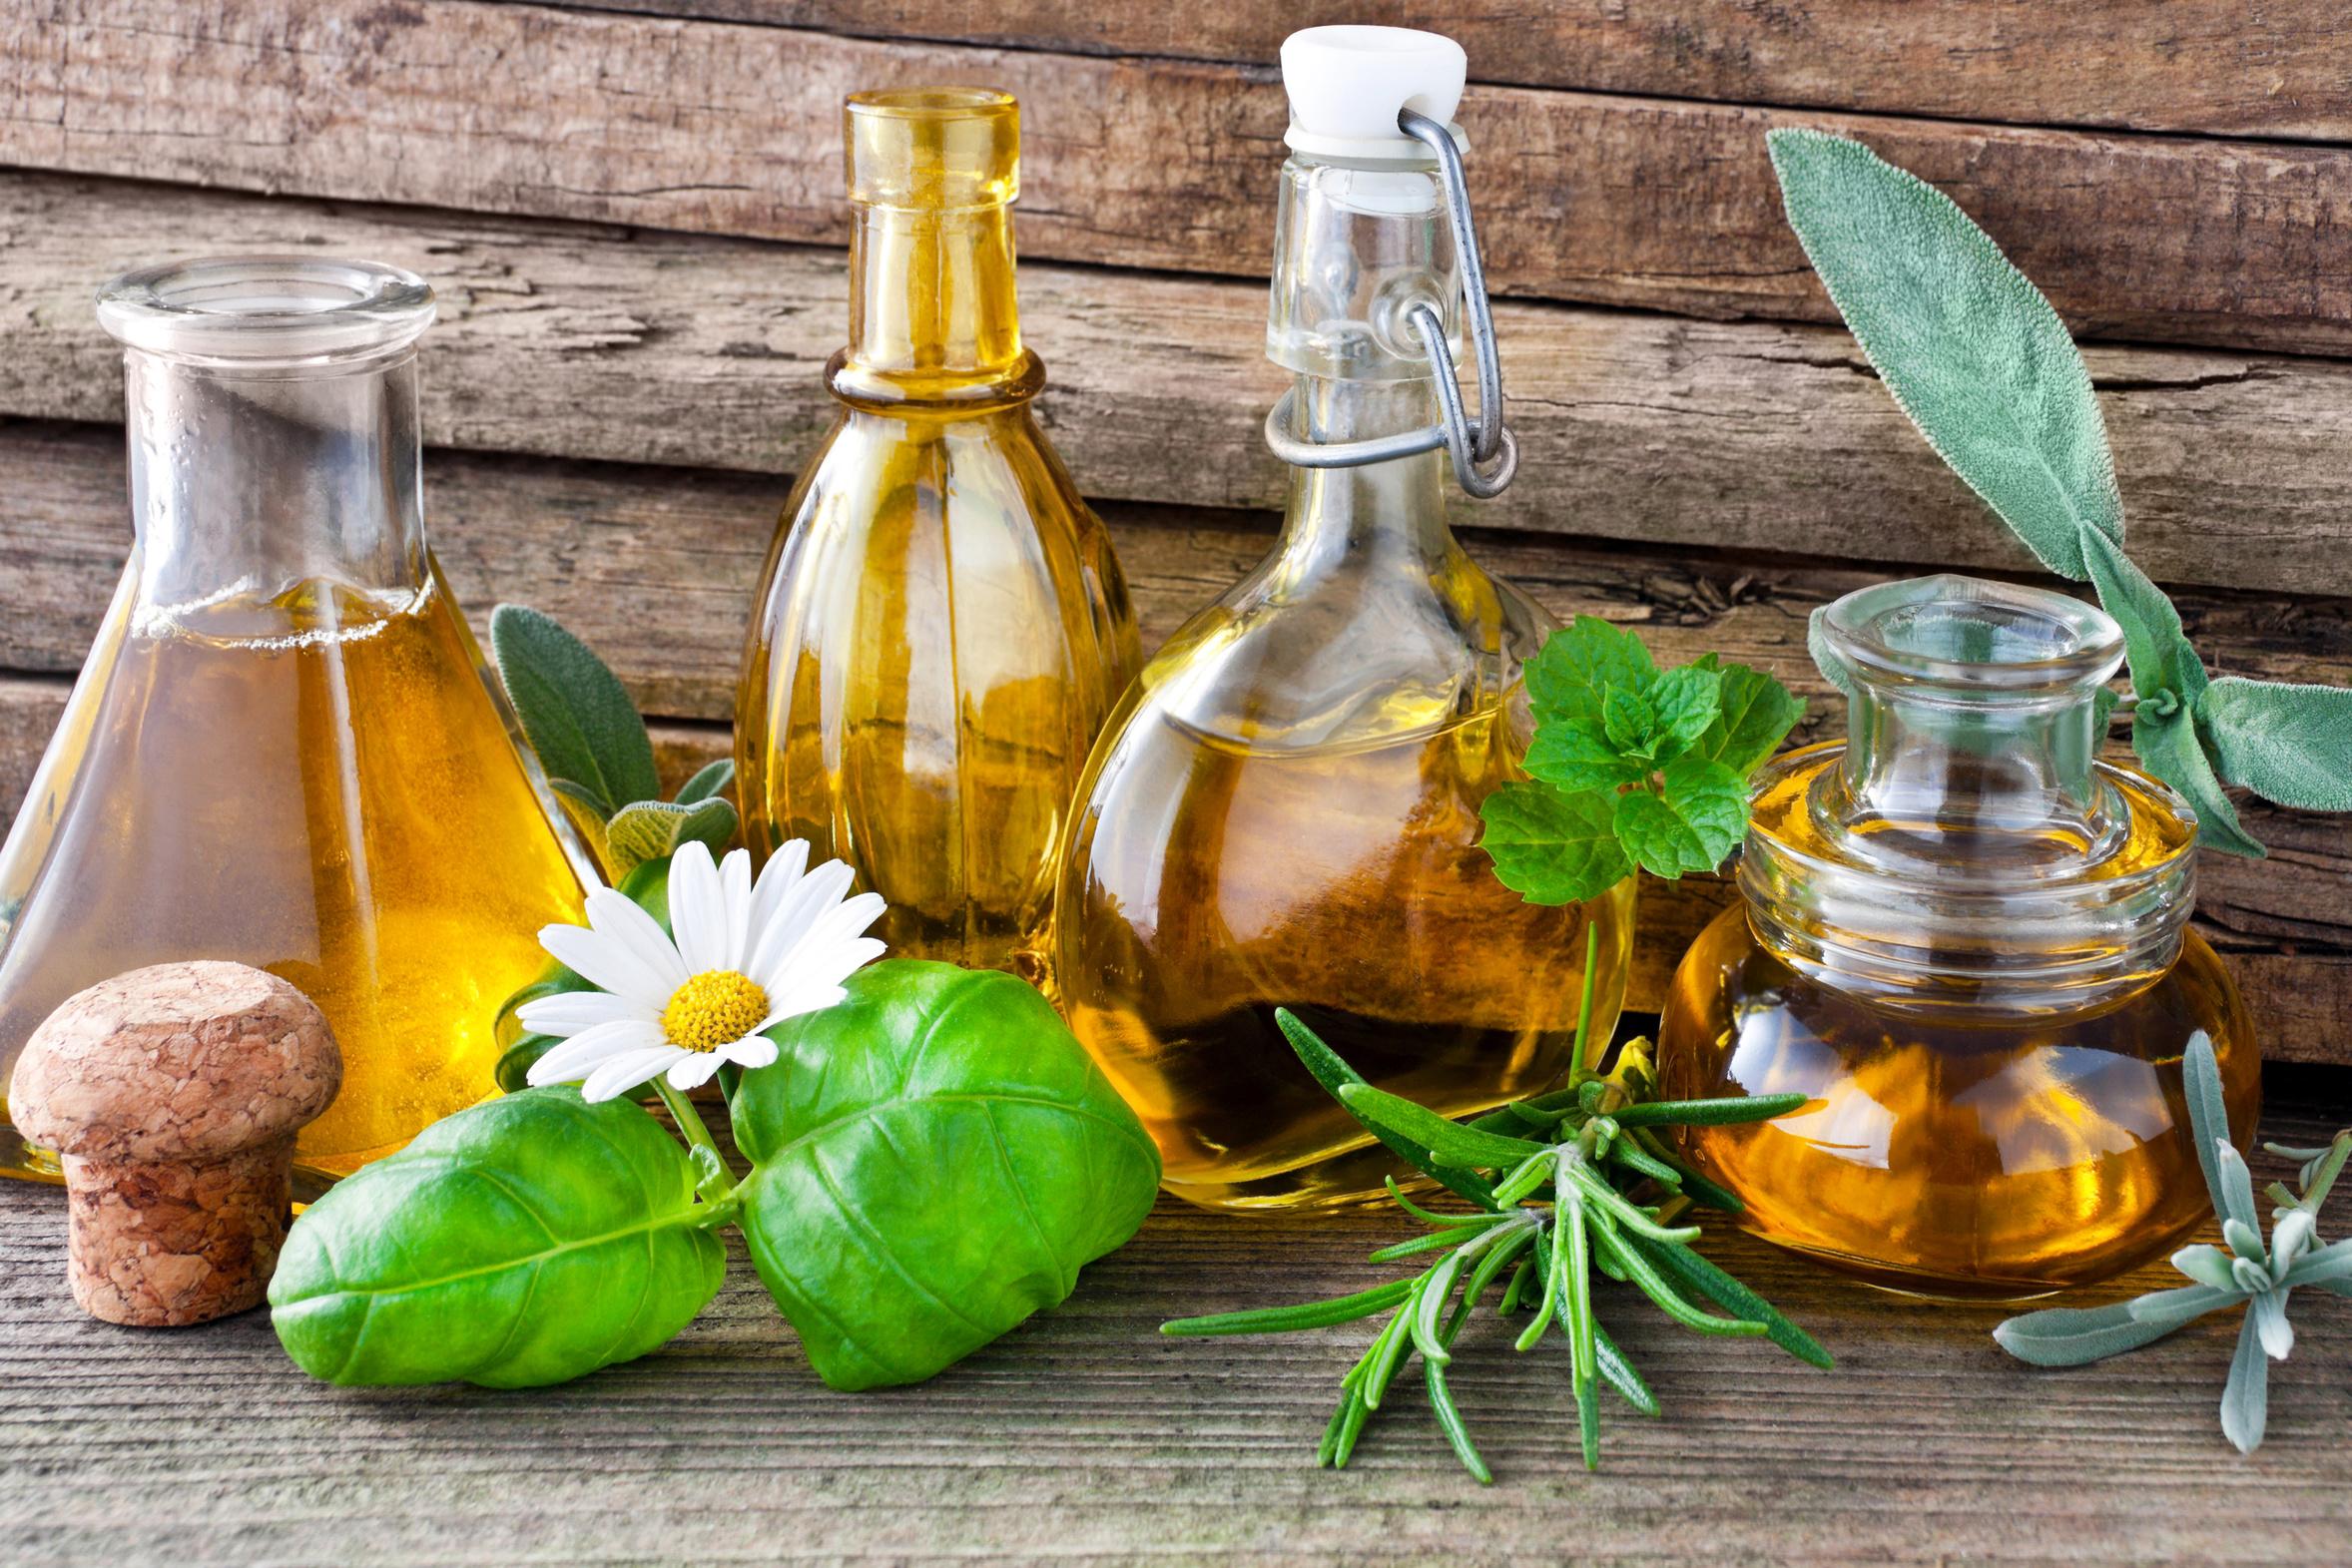 Лечение мастопатии народными средствами рецепты